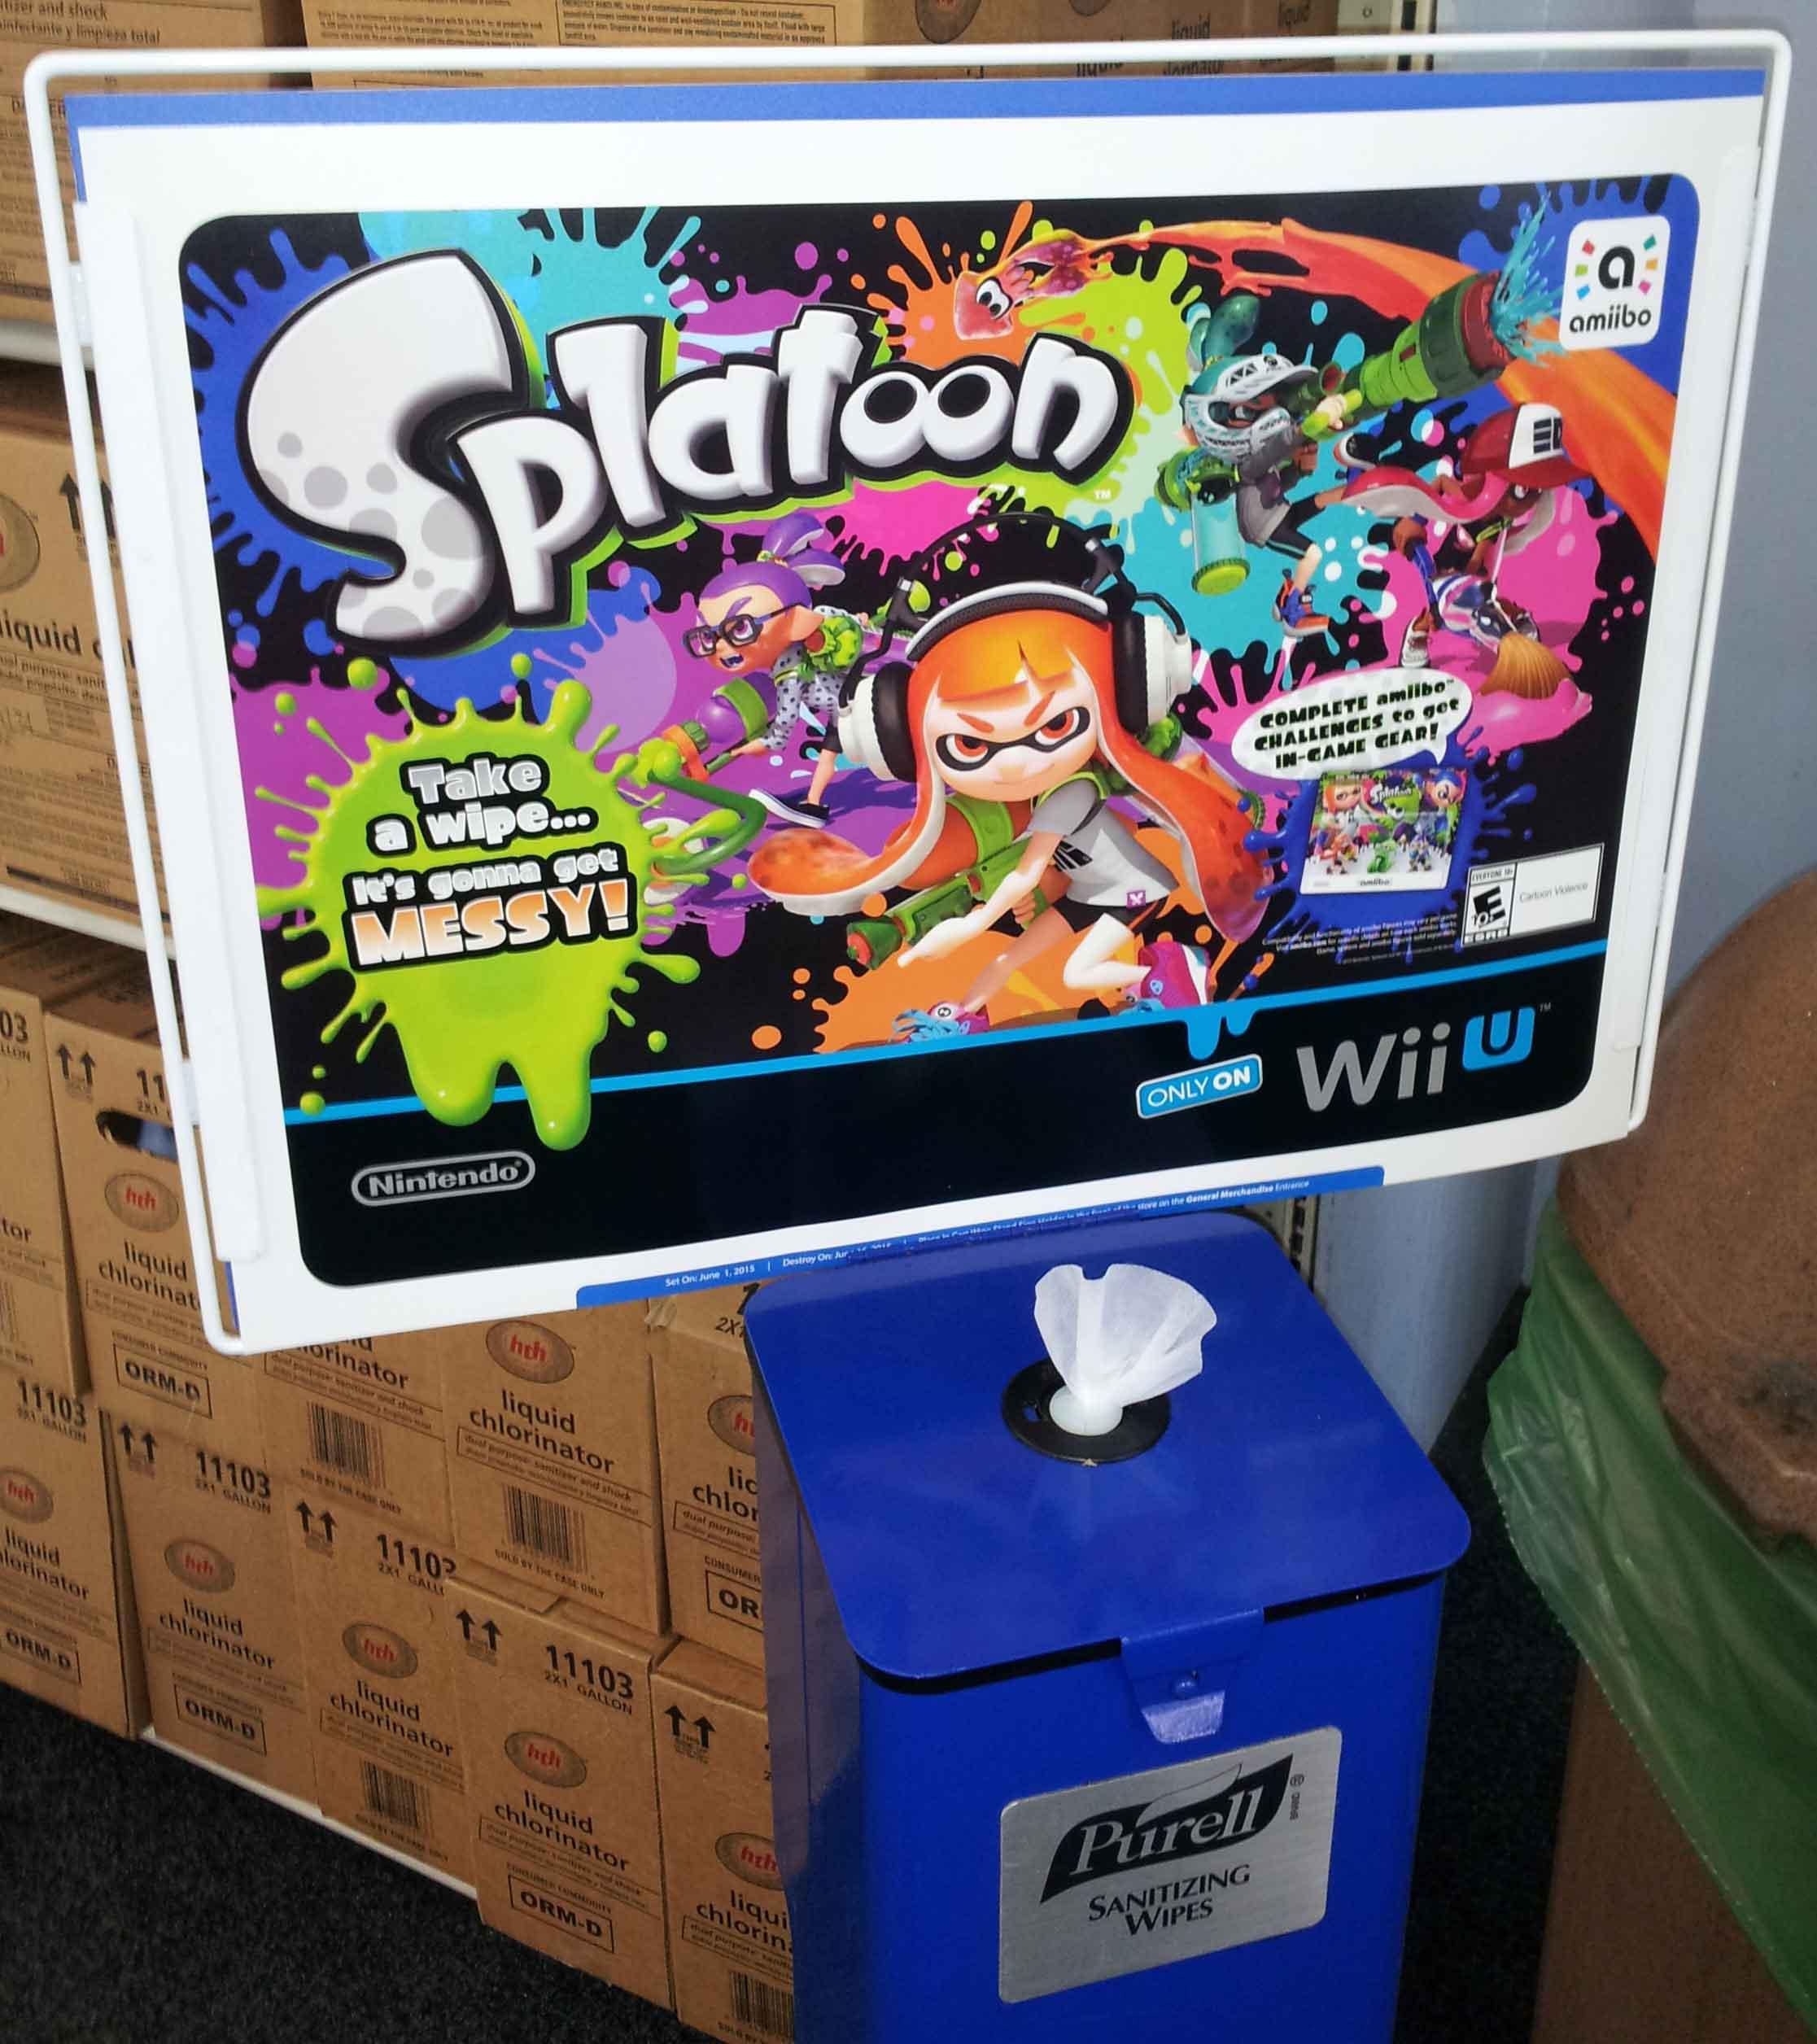 Splatoon marketing – Popular Culture Gaming